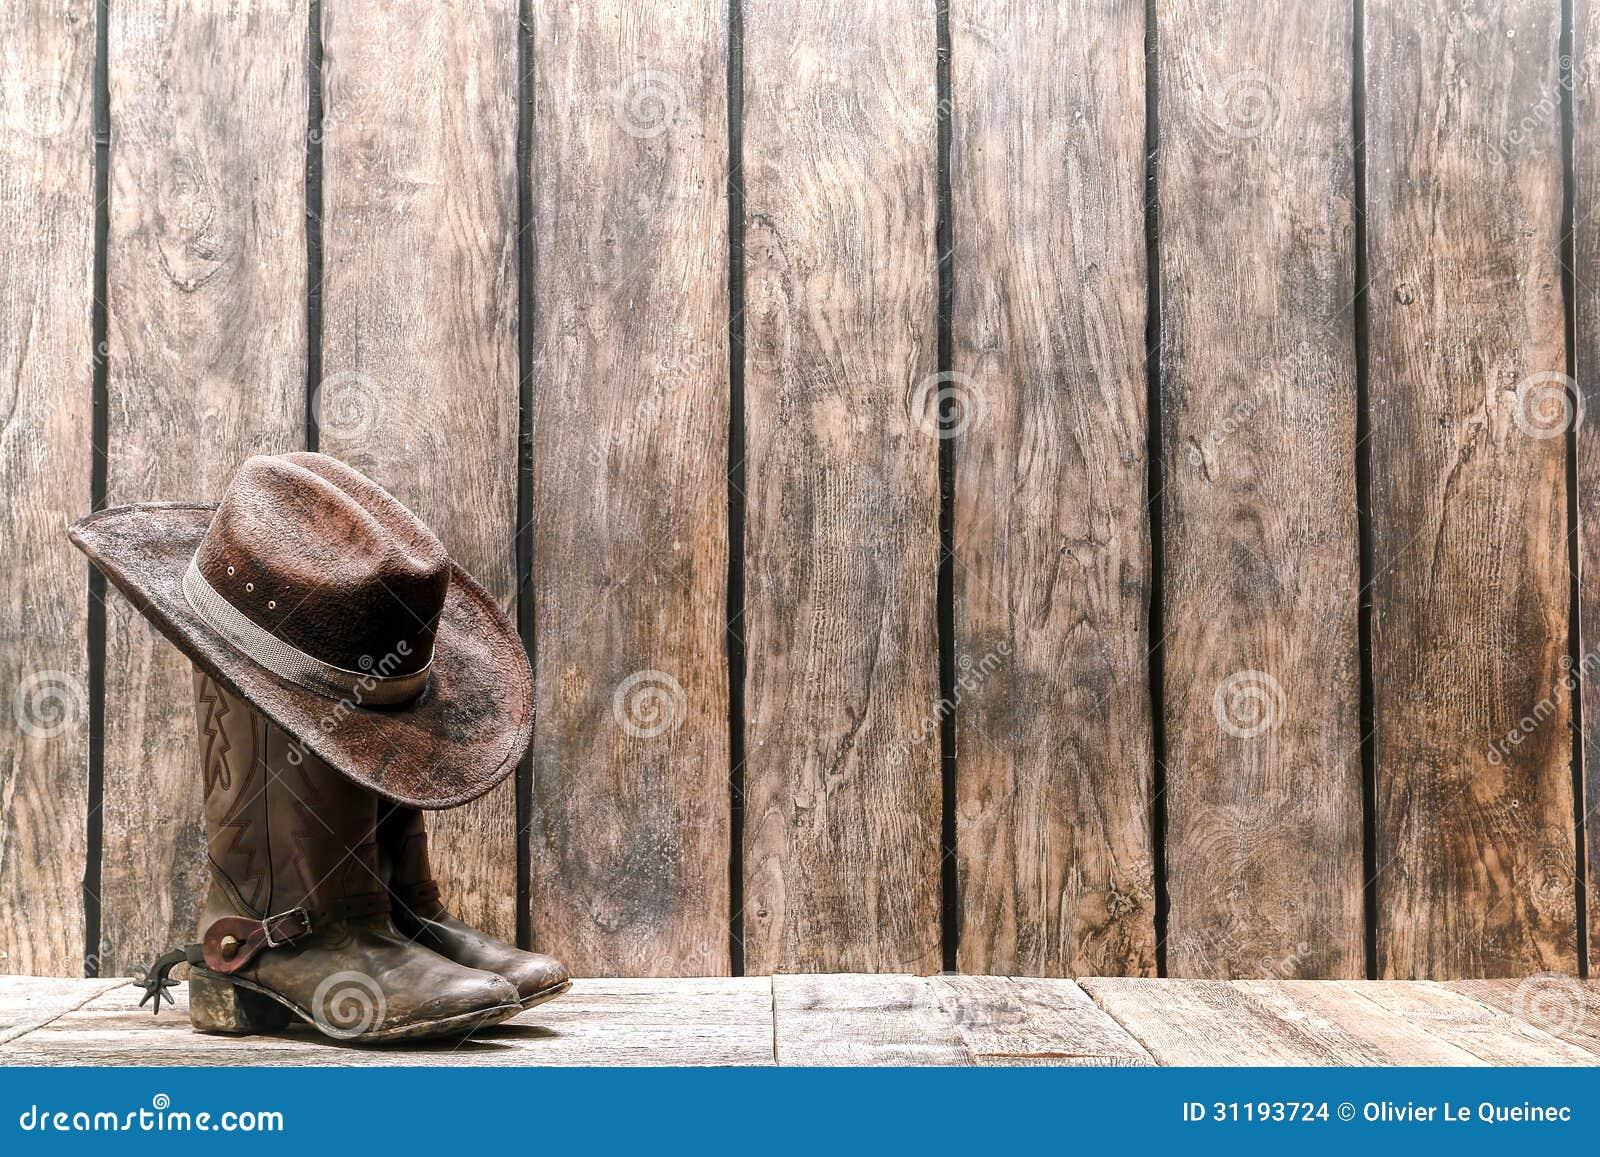 El marrón del oeste americano del rodeo sentía que sombrero de vaquero  encima de las botas de cuero tradicionales gastadas y sucias en una  cubierta de ... 726f0cfef54